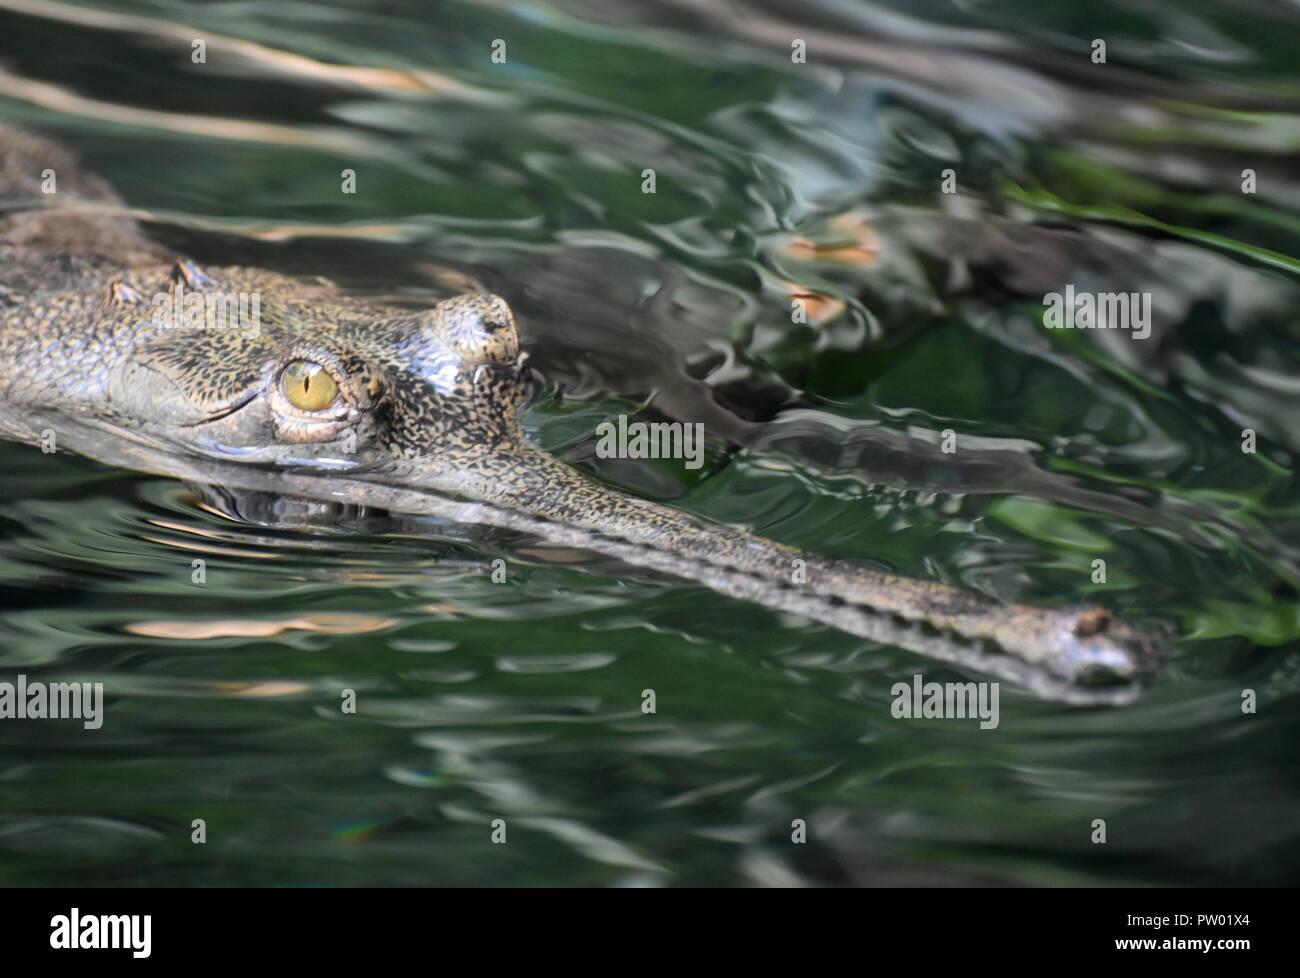 Menacing looking gavial crocodile in a river. - Stock Image